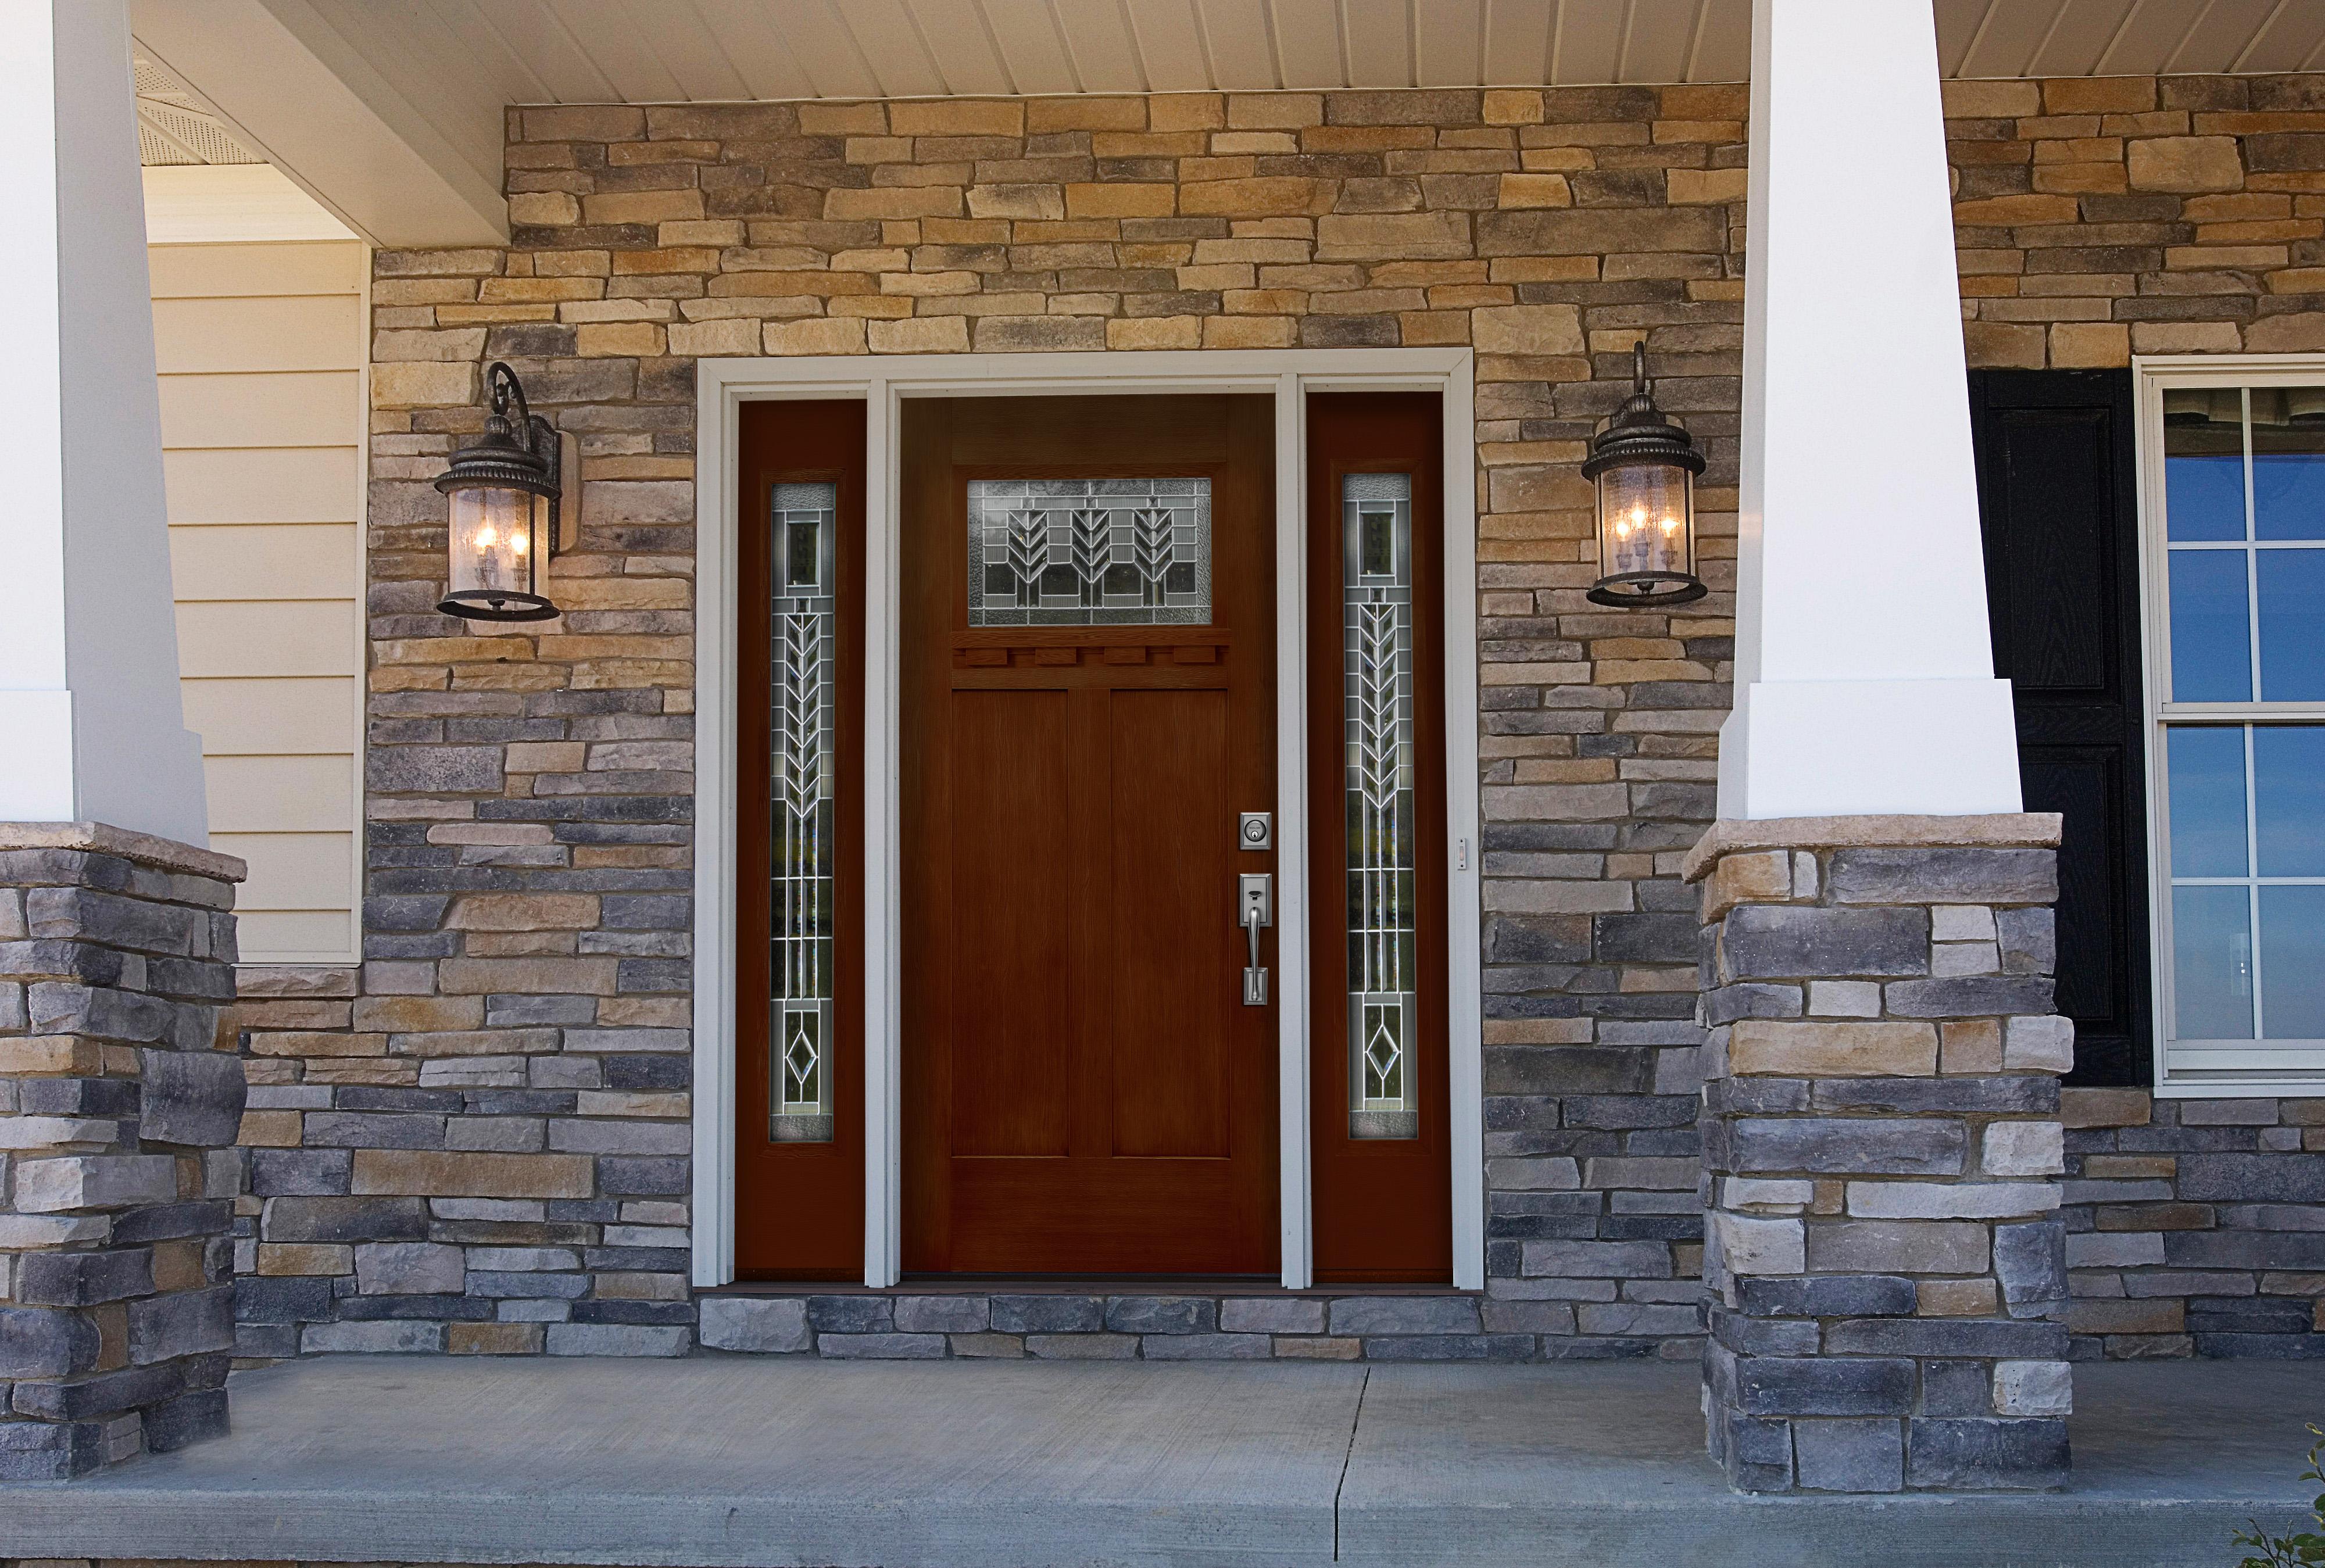 2698 #654C34 Signet 2P DS Fiberglass Door By ProVia wallpaper Aluminum Entry Doors 39554000